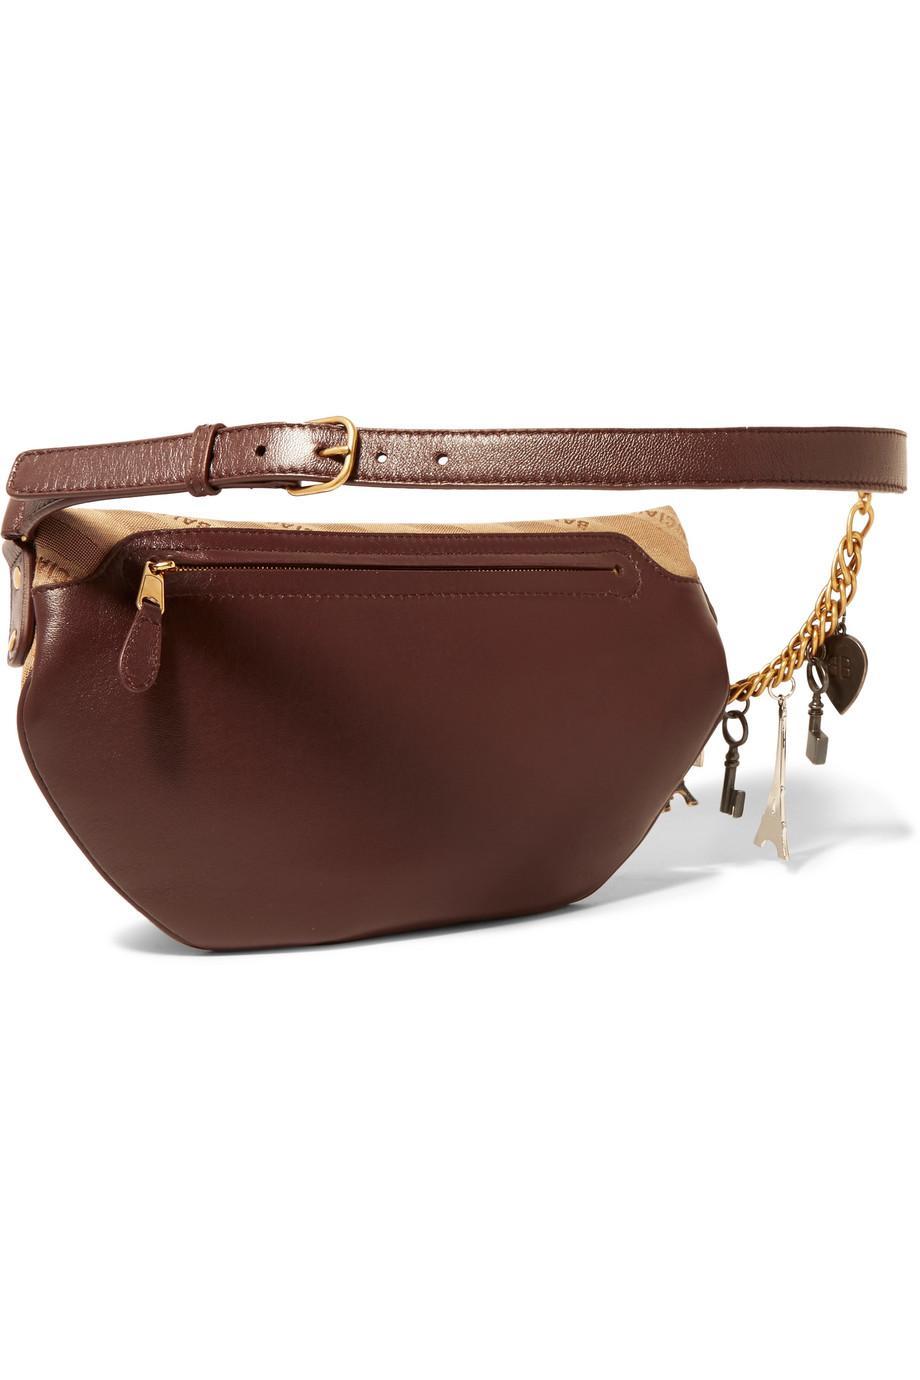 Souvenir Embellished Leather-trimmed Jacquard Belt Bag - Beige Balenciaga 2va7ii